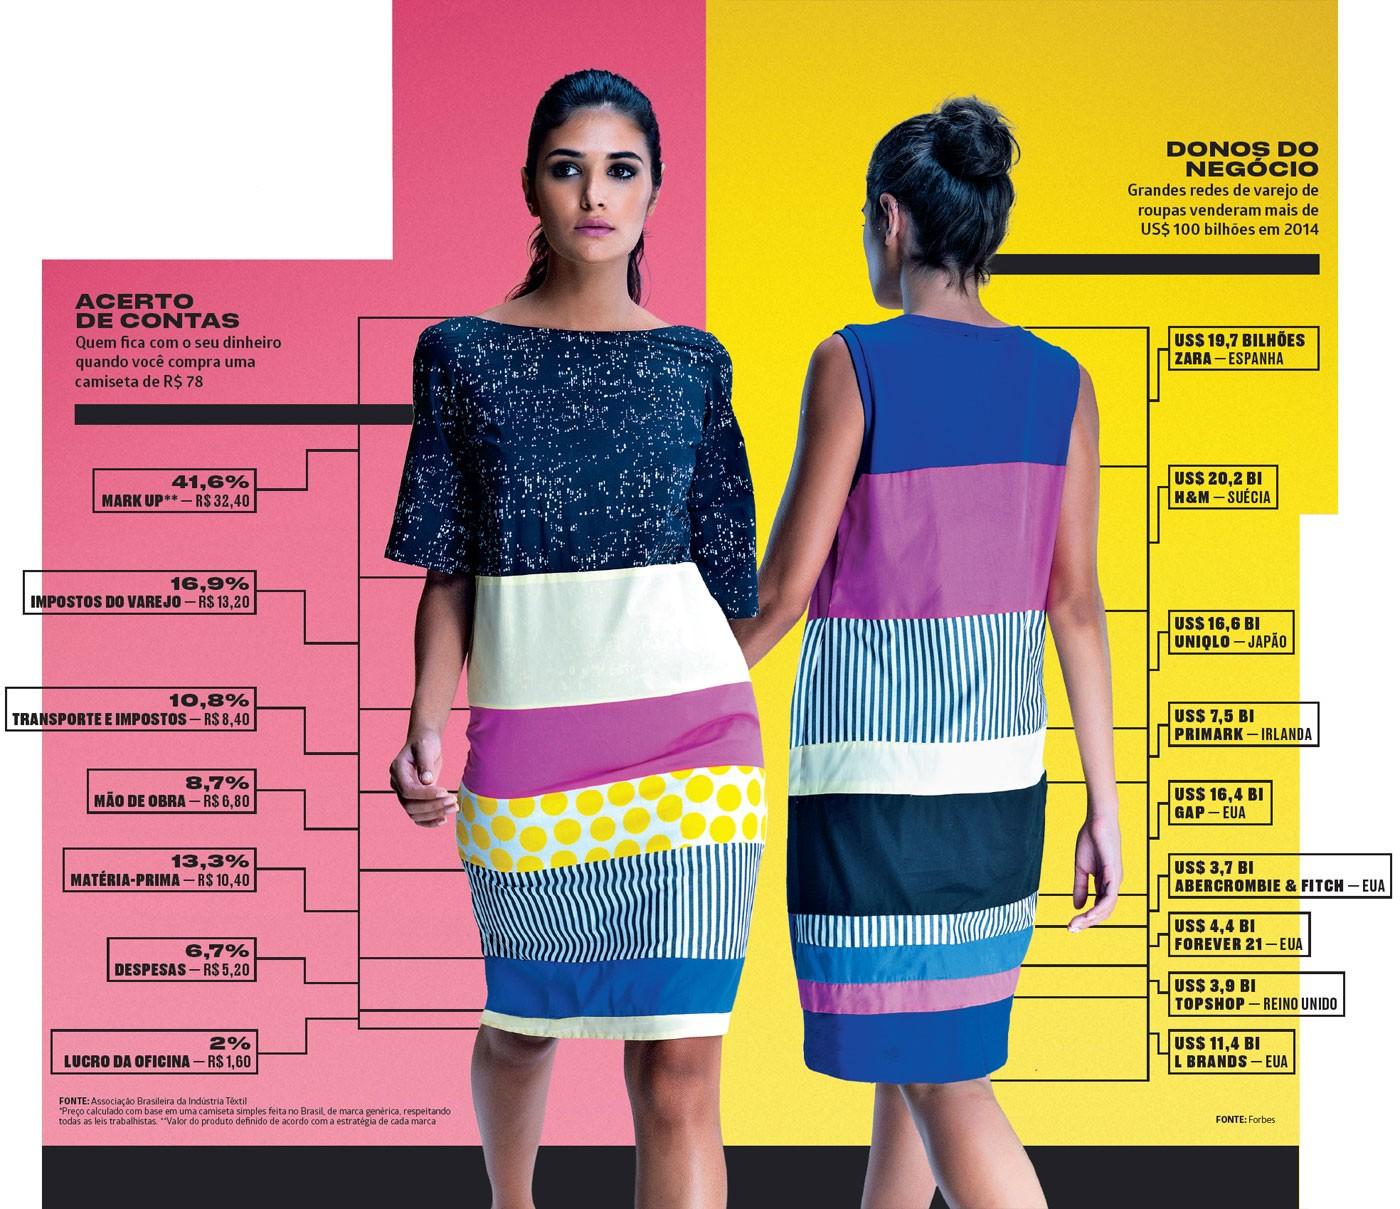 Escravos da moda  os bastidores nada bonitos da indústria fashion ... d324bac6f40a2